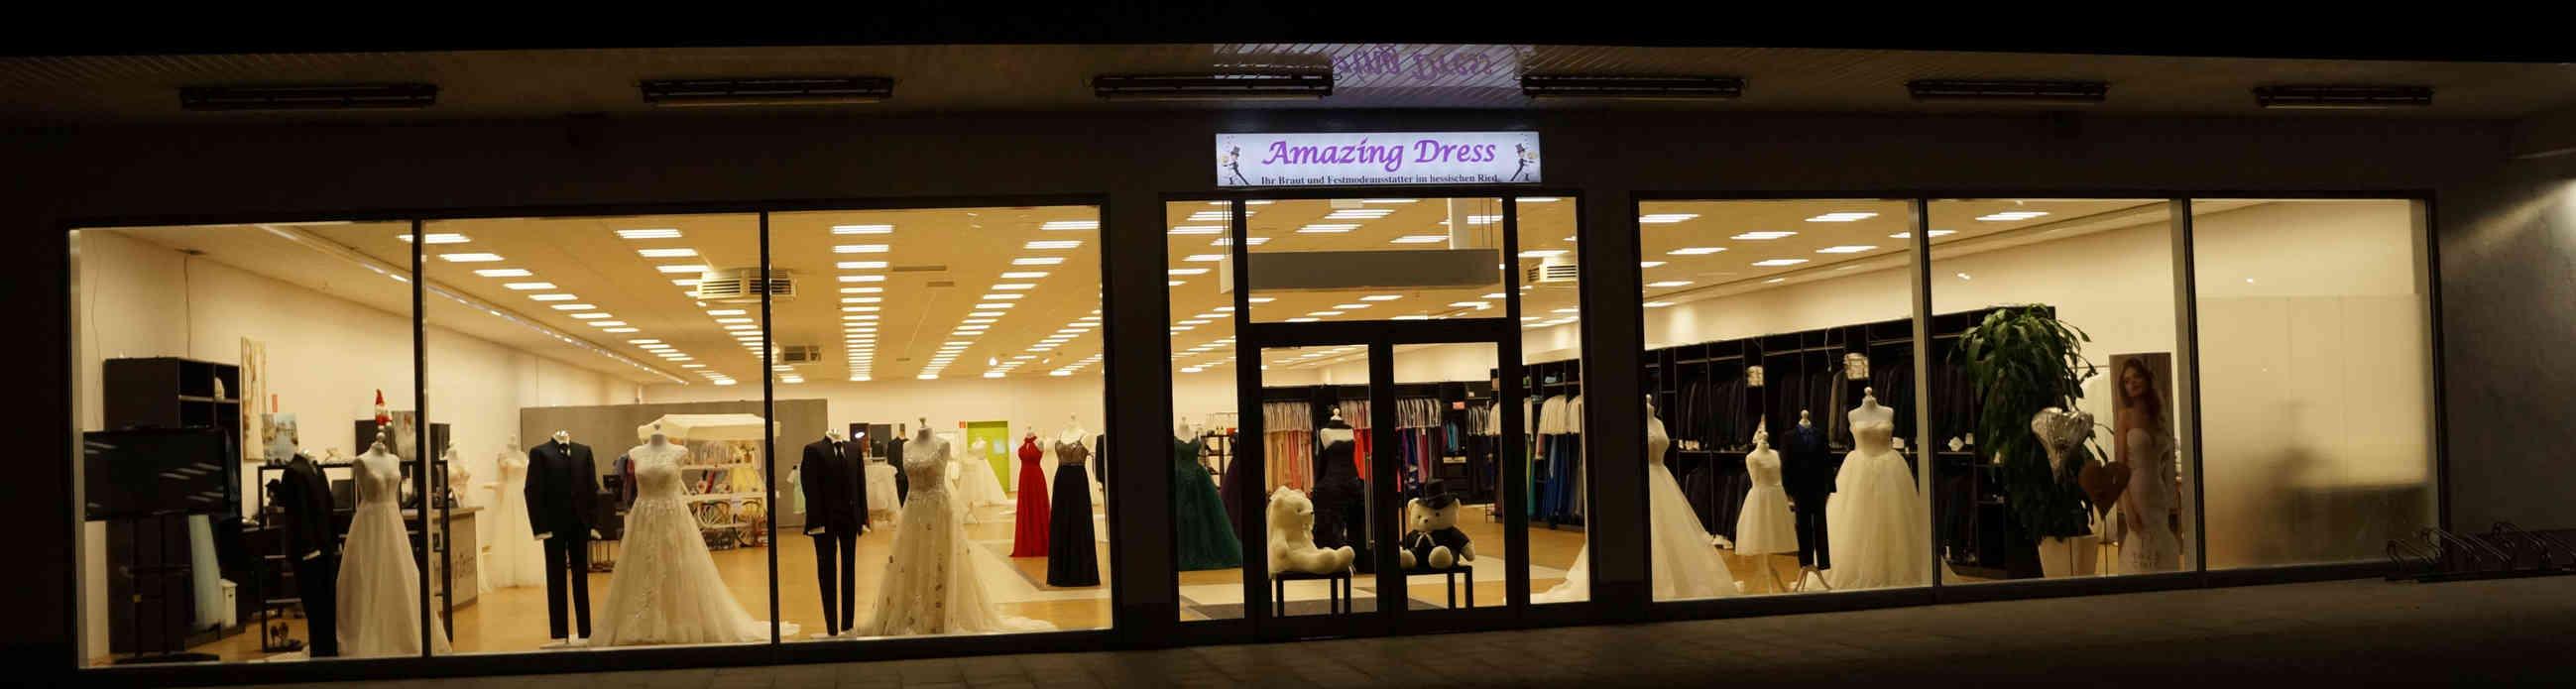 amazind_dress_aussenansicht_nacht